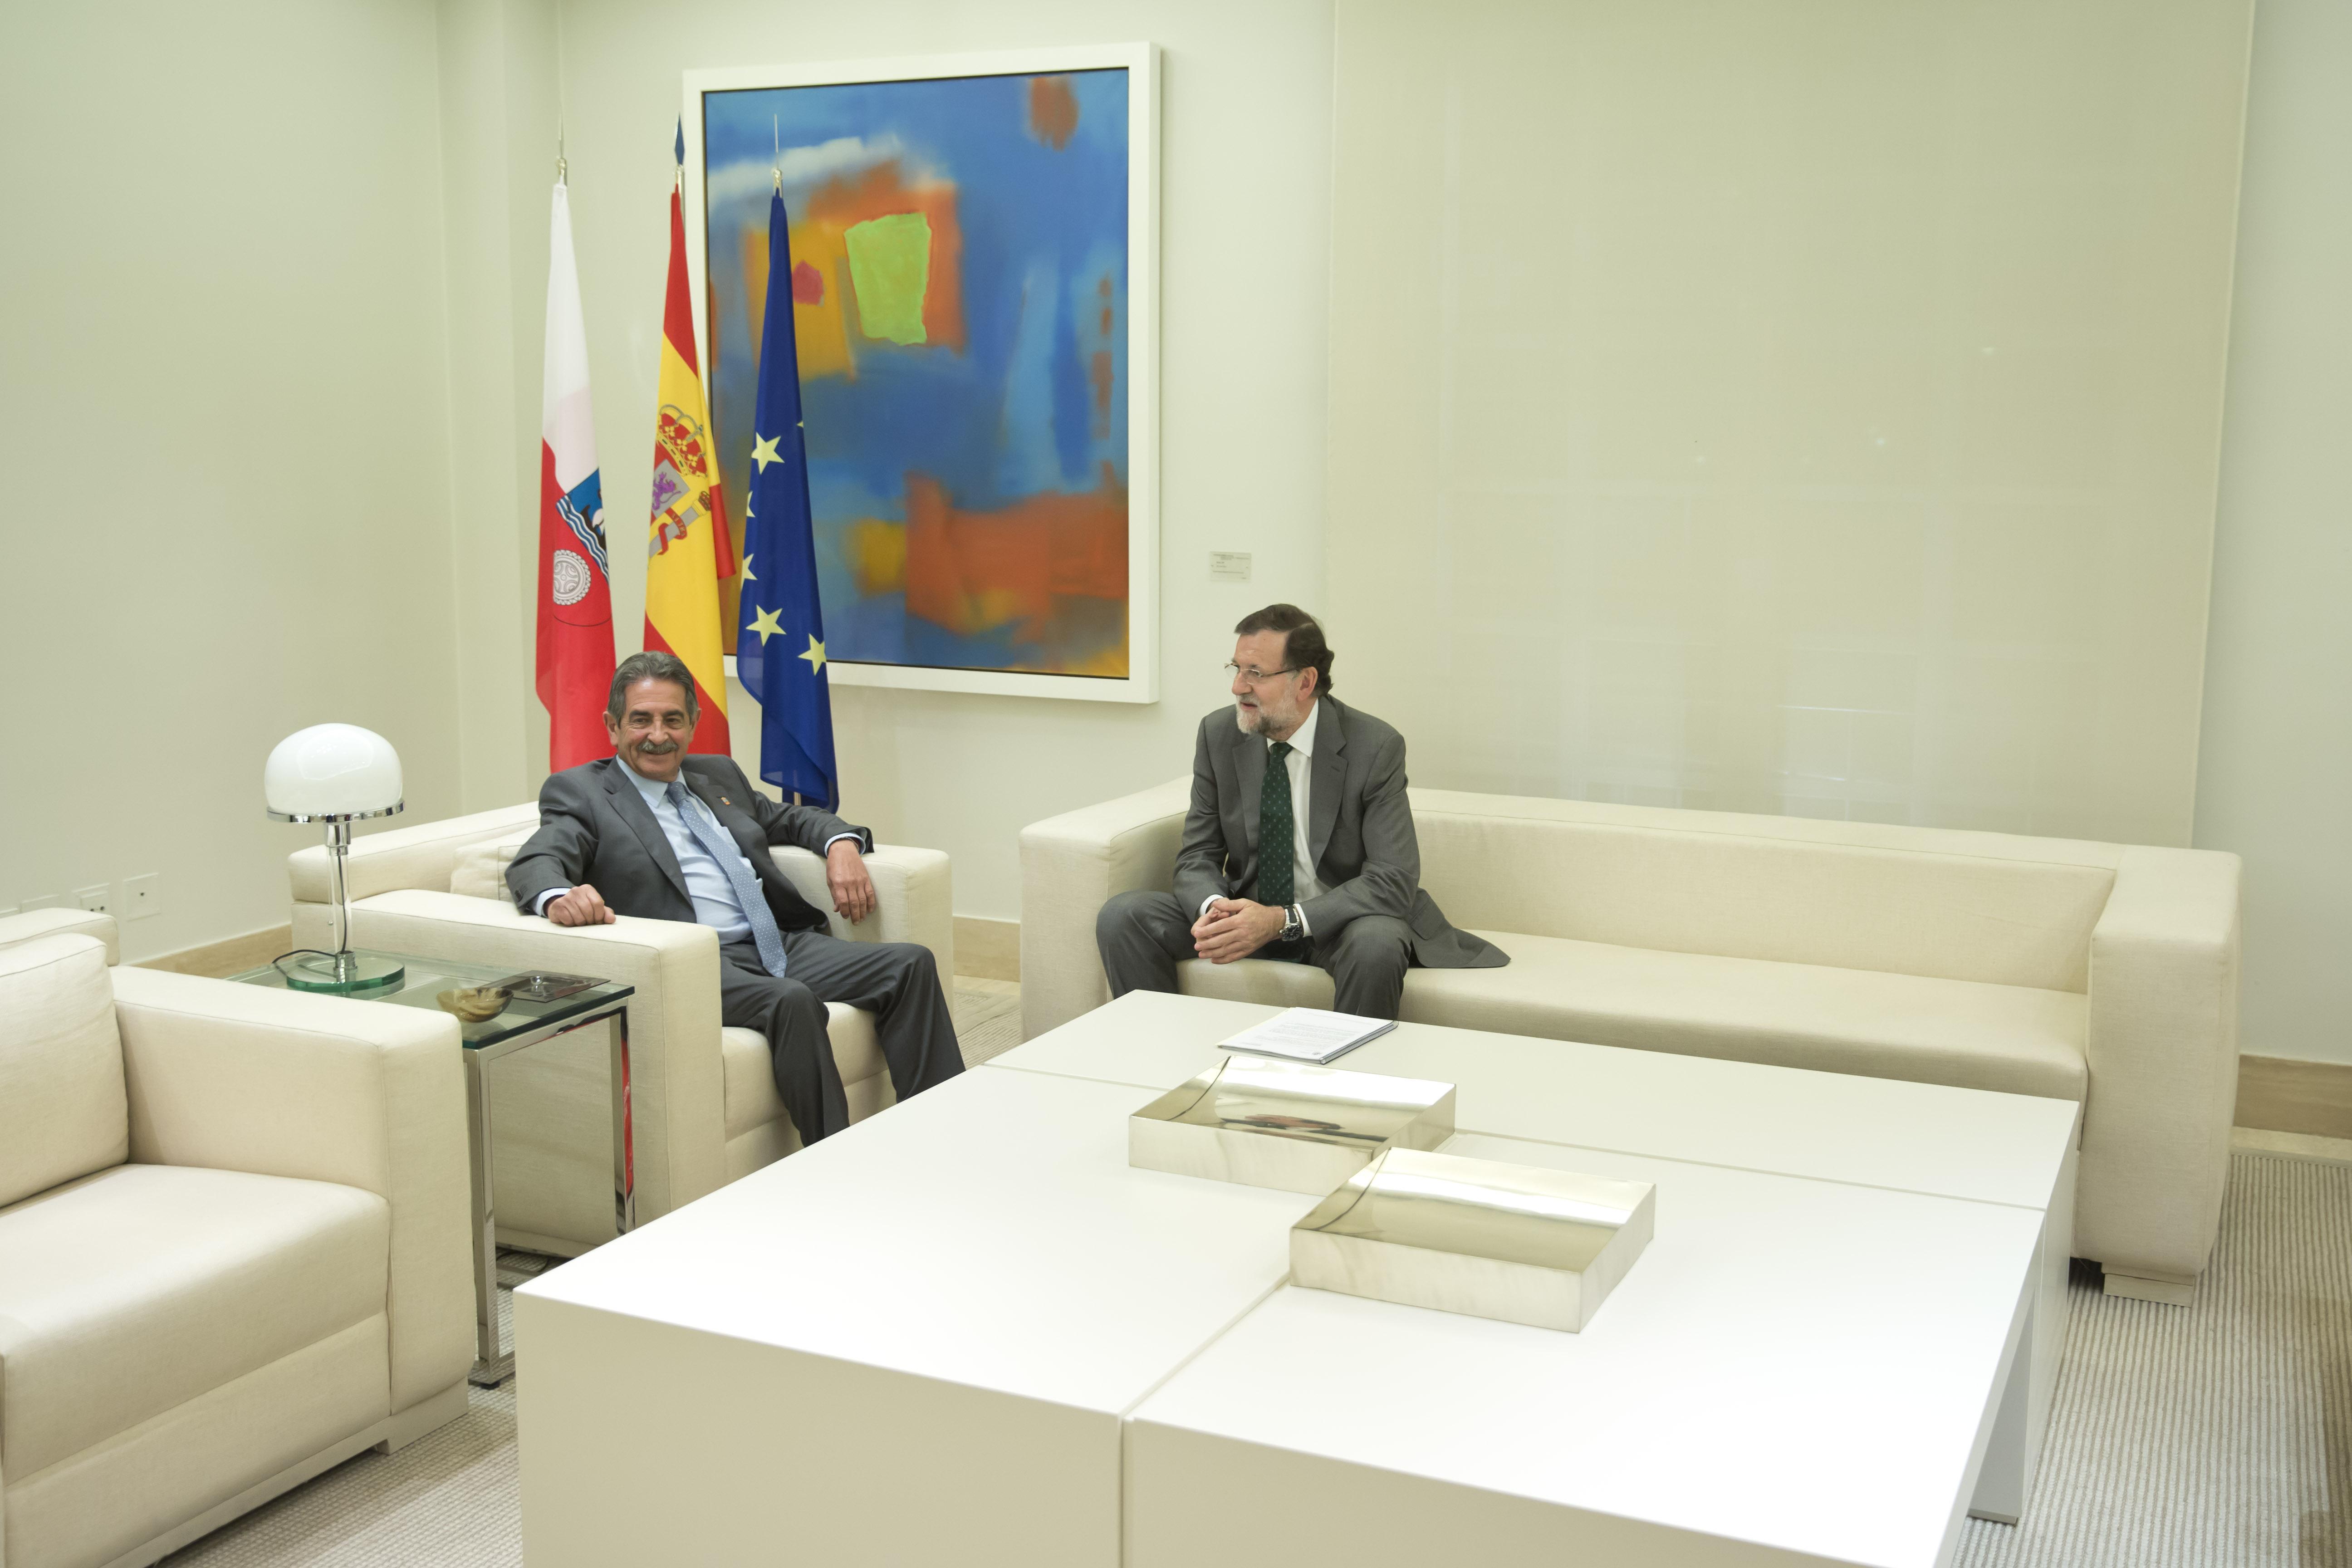 02/11/2015 Madrid, España El Presidente del Gobierno, Mariano Rajoy, recibe al presidente de Cantabria Miguel Angel Revilla. Fotografía: Diego Crespo / Moncloa Presidencia del Gobierno